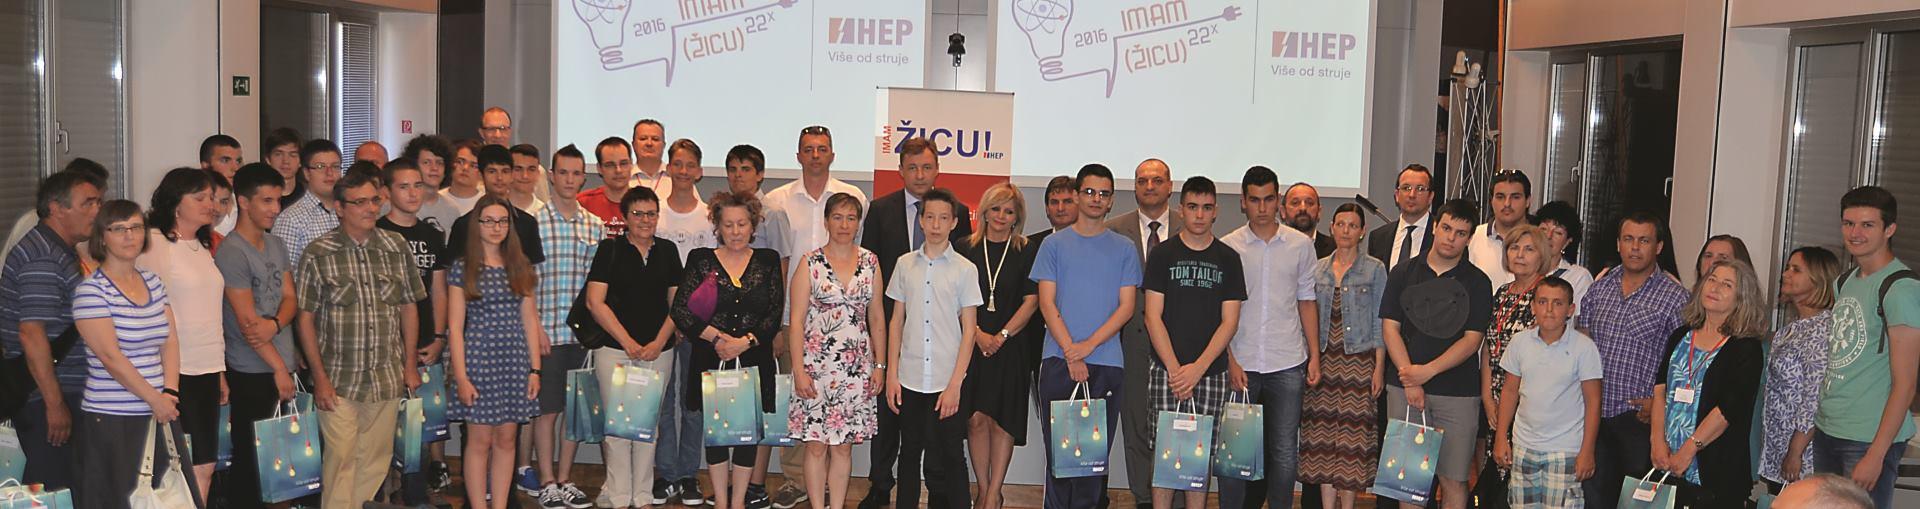 Održana svečanost 22. dodjele HEP-ove Nagrade učenicima IMAM ŽICU!